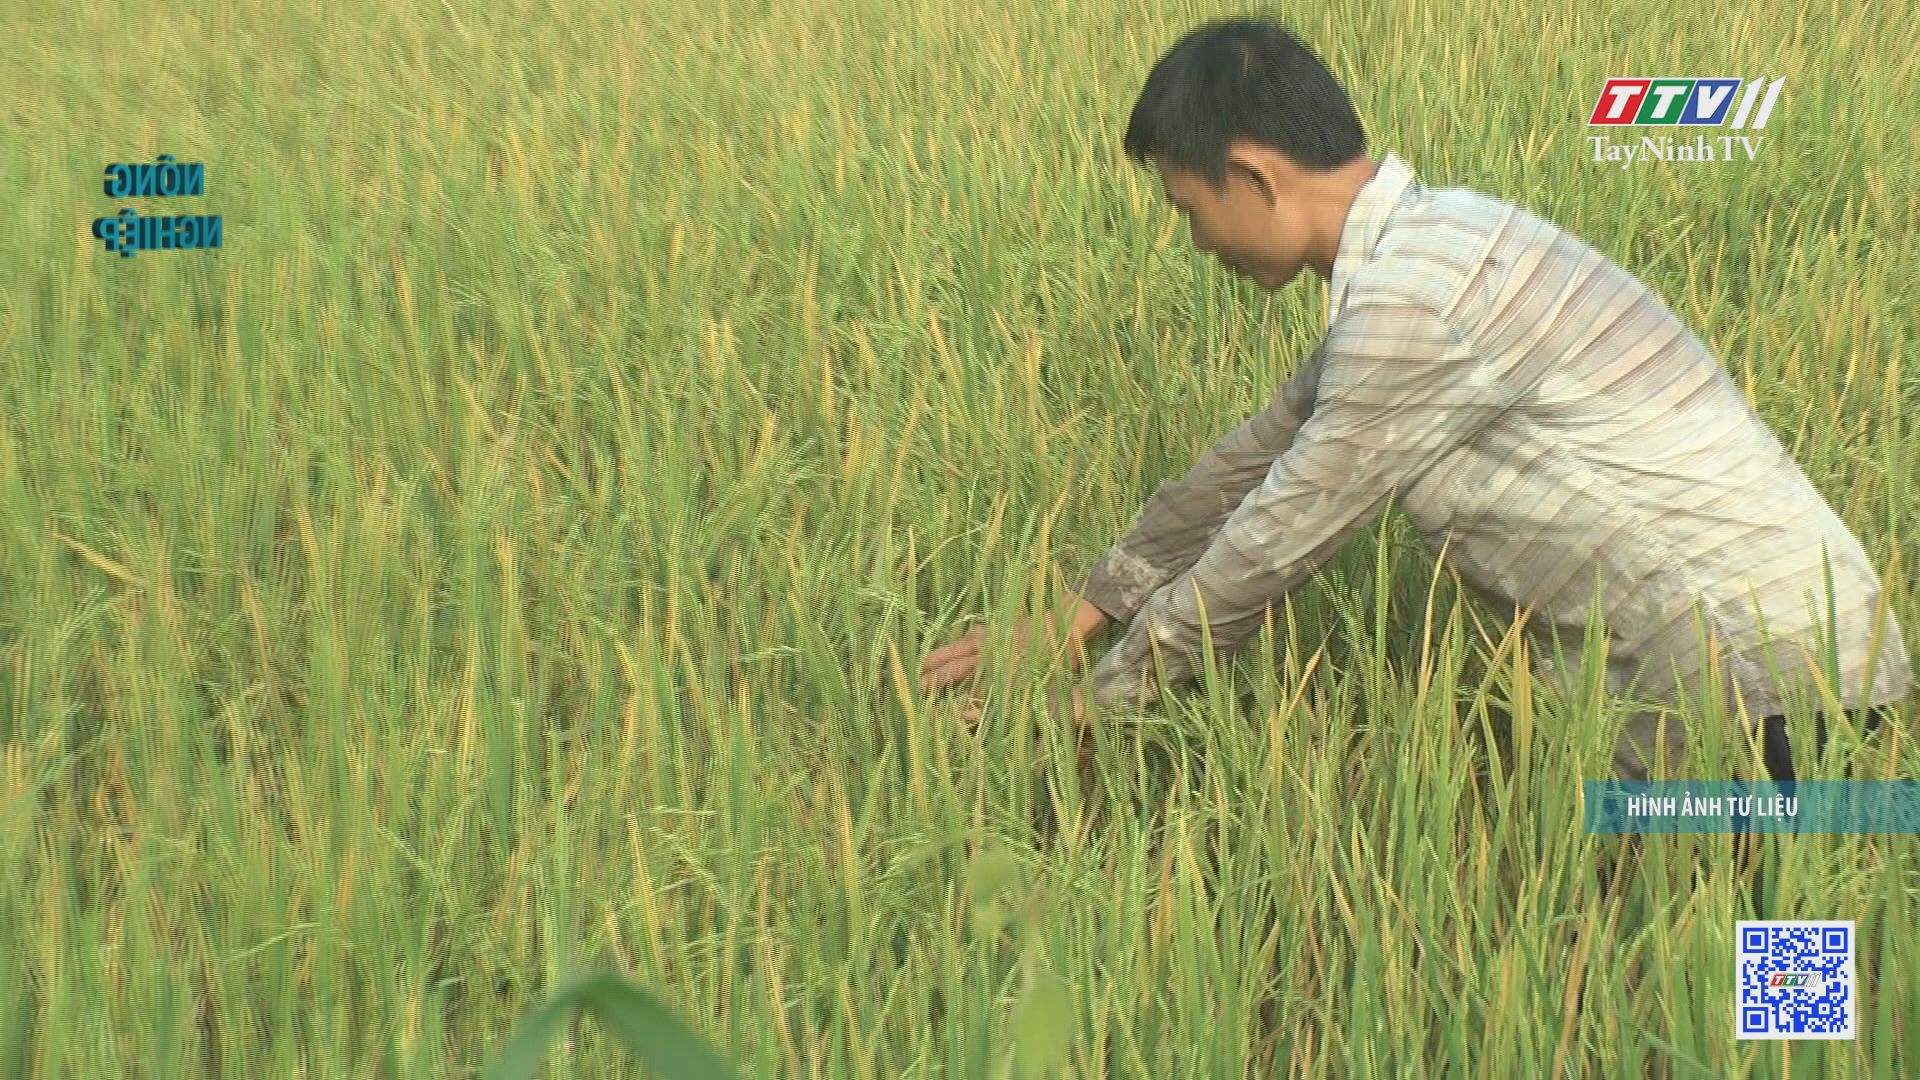 Tăng cường phòng trừ sâu bệnh hại lúa Hè Thu | NÔNG NGHIỆP TÂY NINH | TayNinhTV